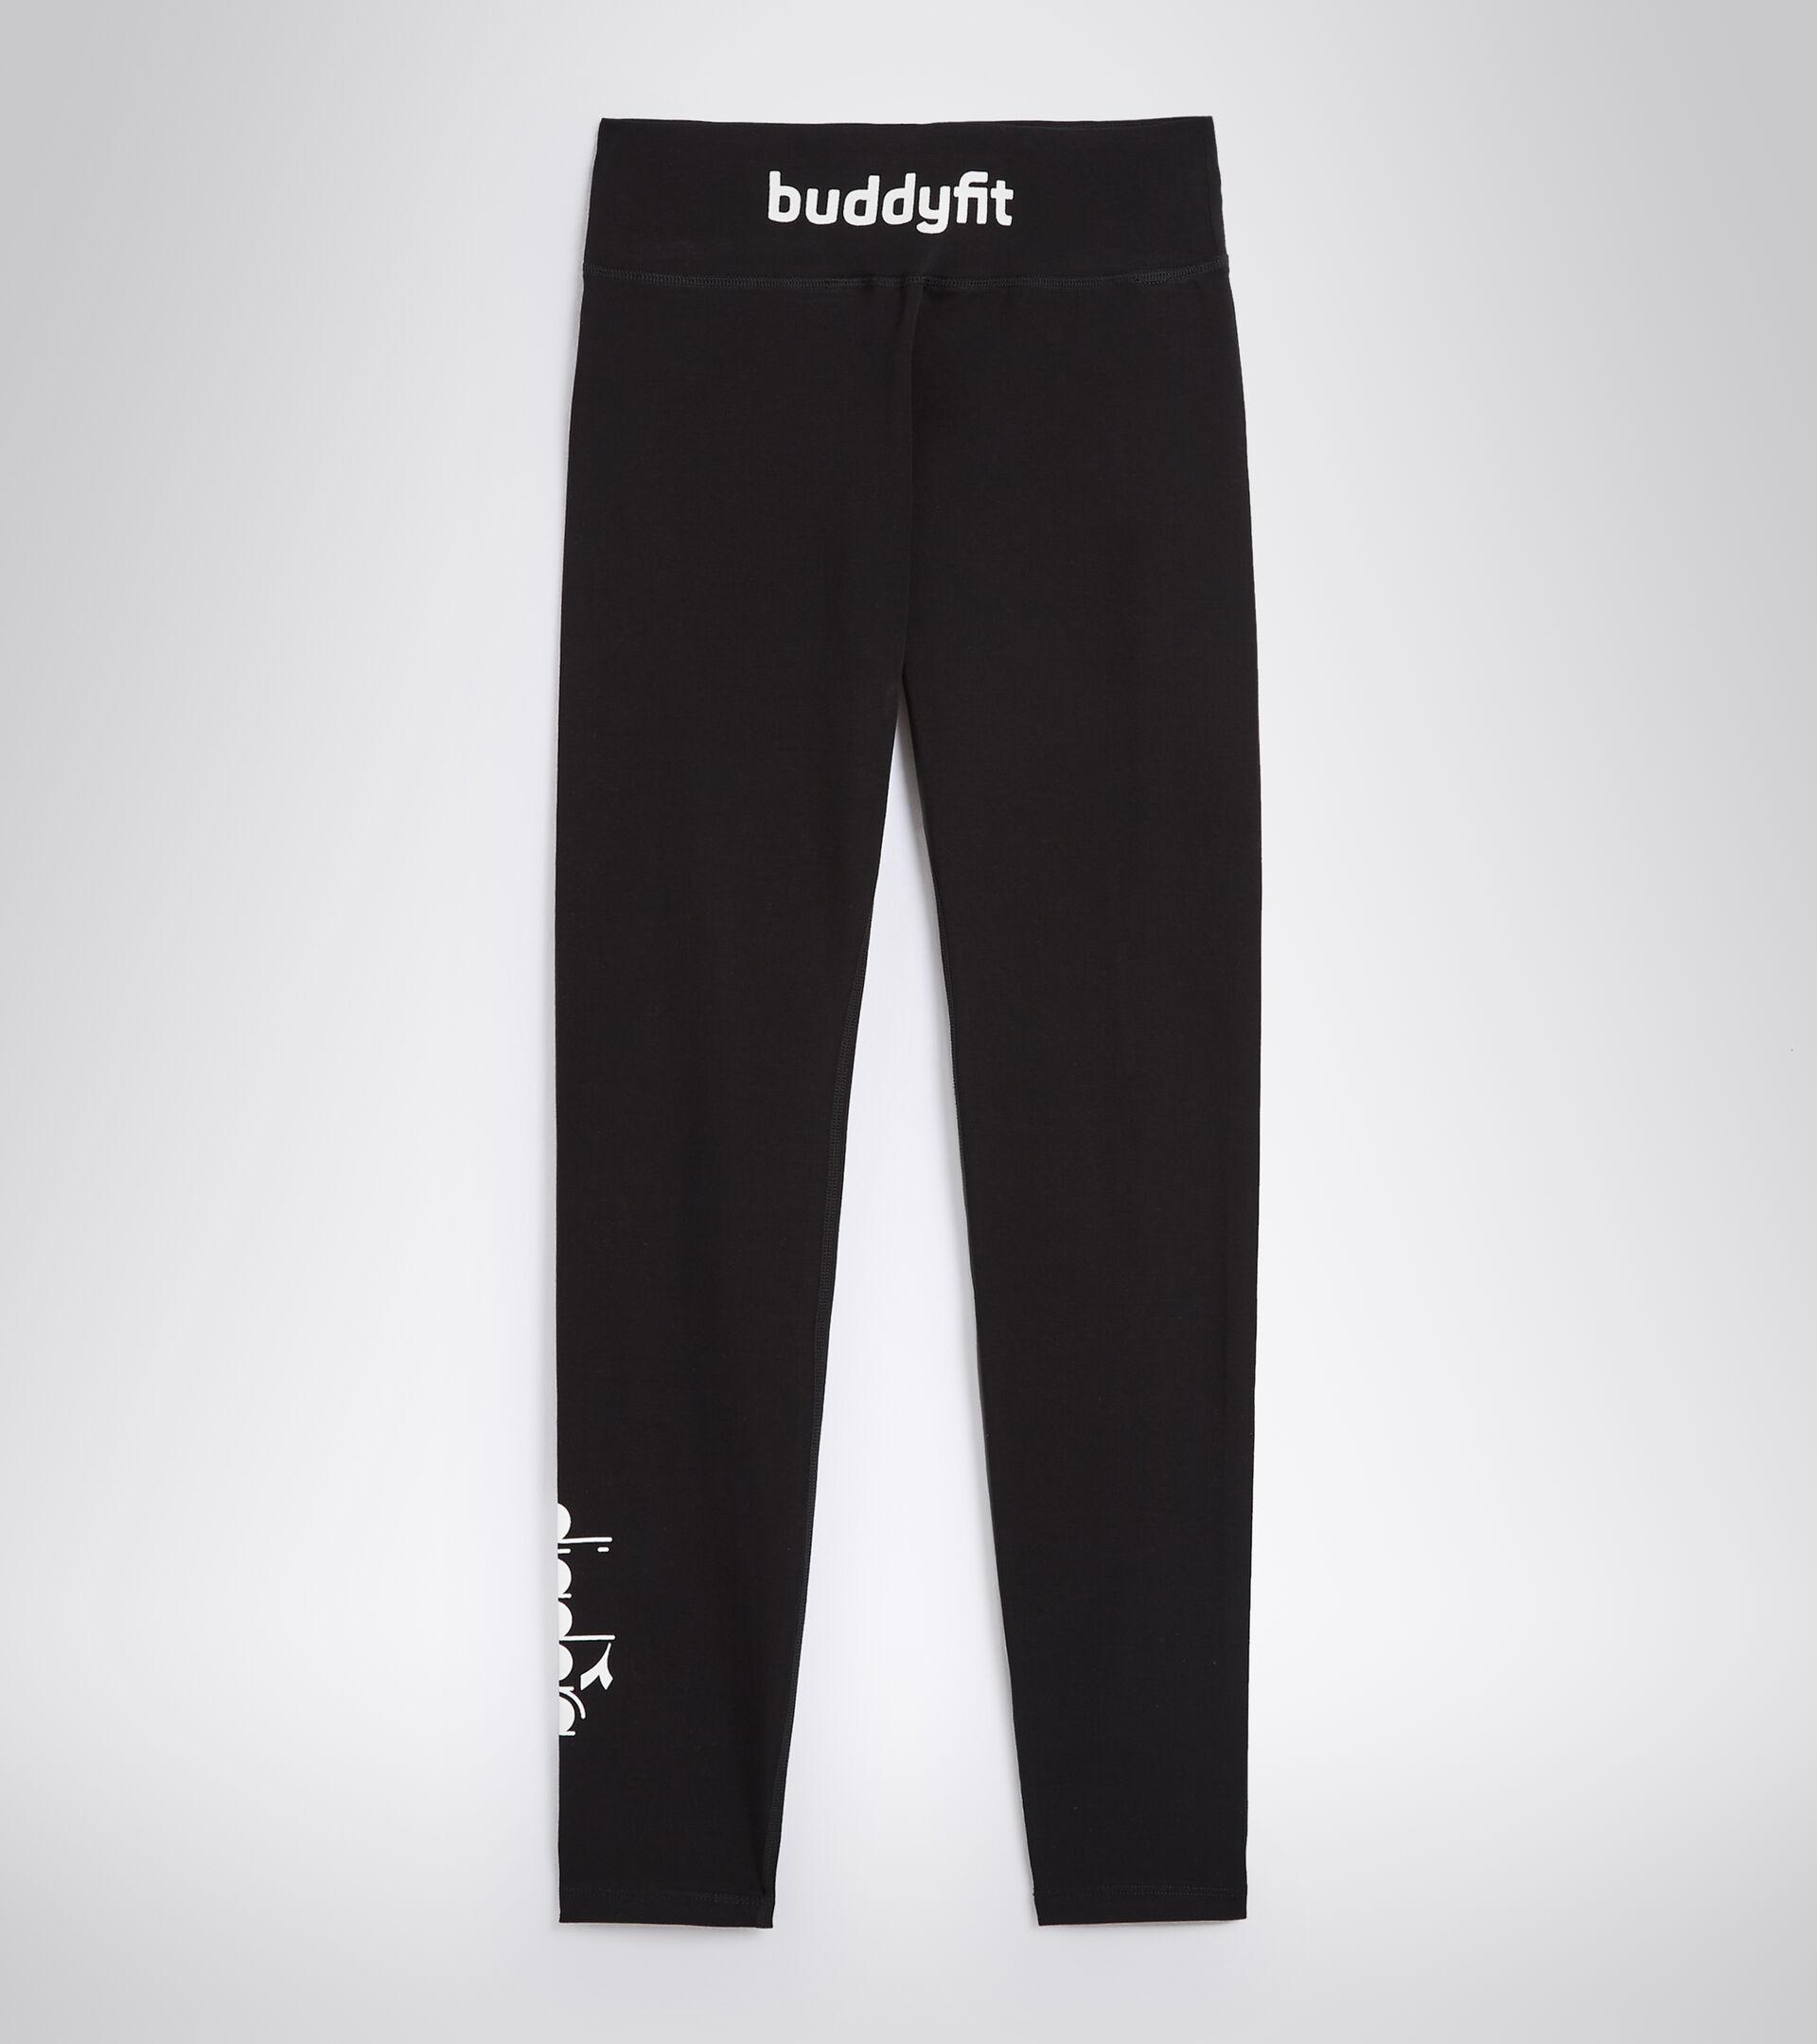 Leggings für Damen aus elastischem Baumwoll-Jersey L. STC LEGGINGS BUDDYFIT SCHWARZ - Diadora